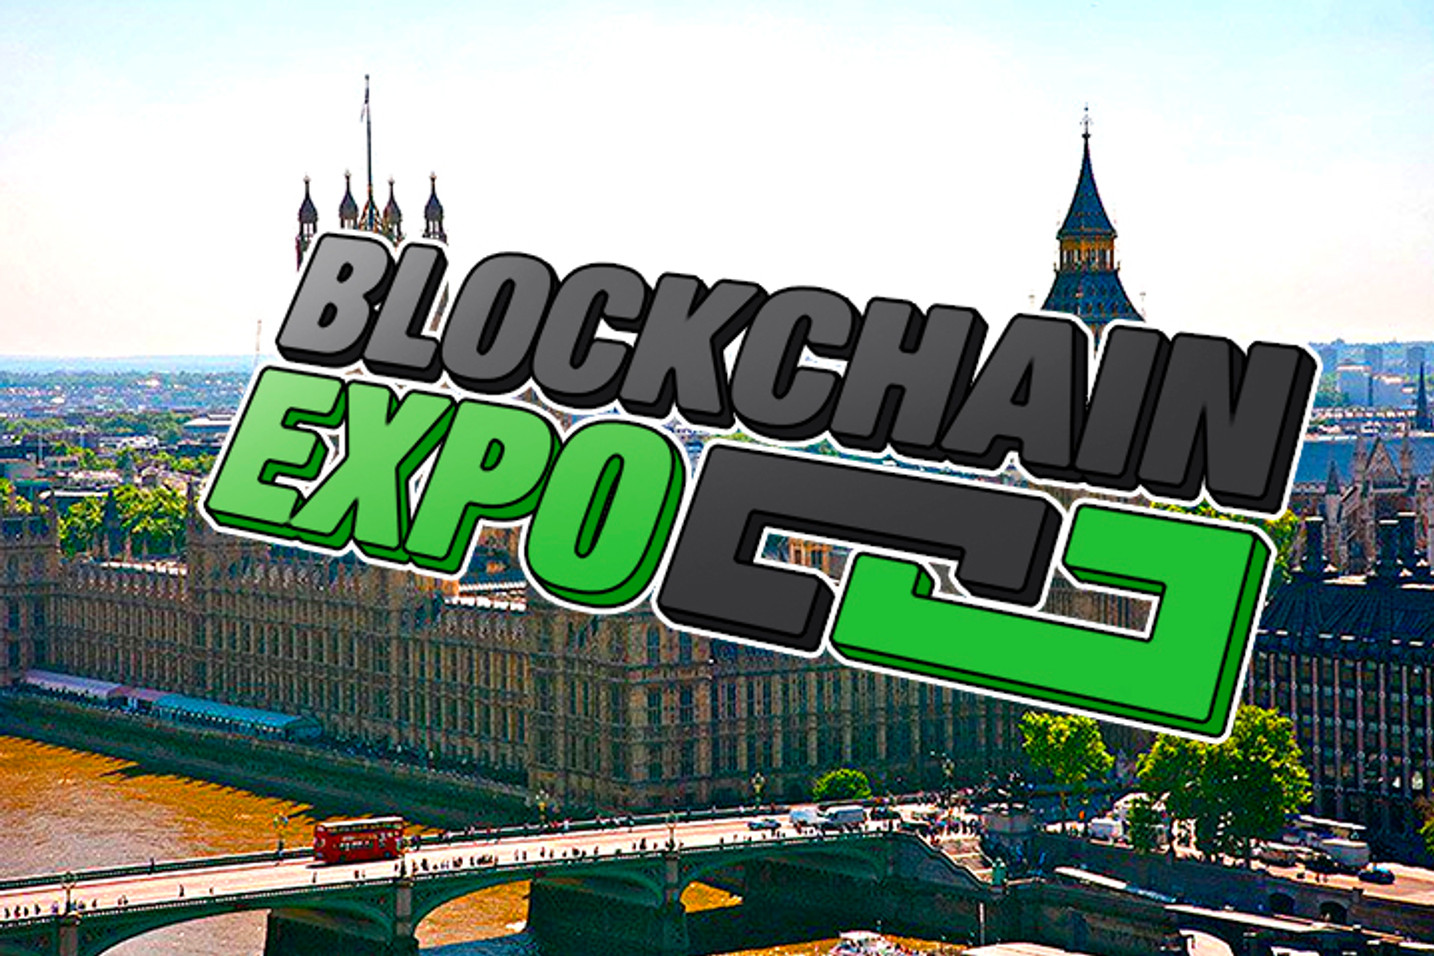 Blockchain Conference: Blockchain Expo announces first Conference Speakers for Blockchain Expo London 2017